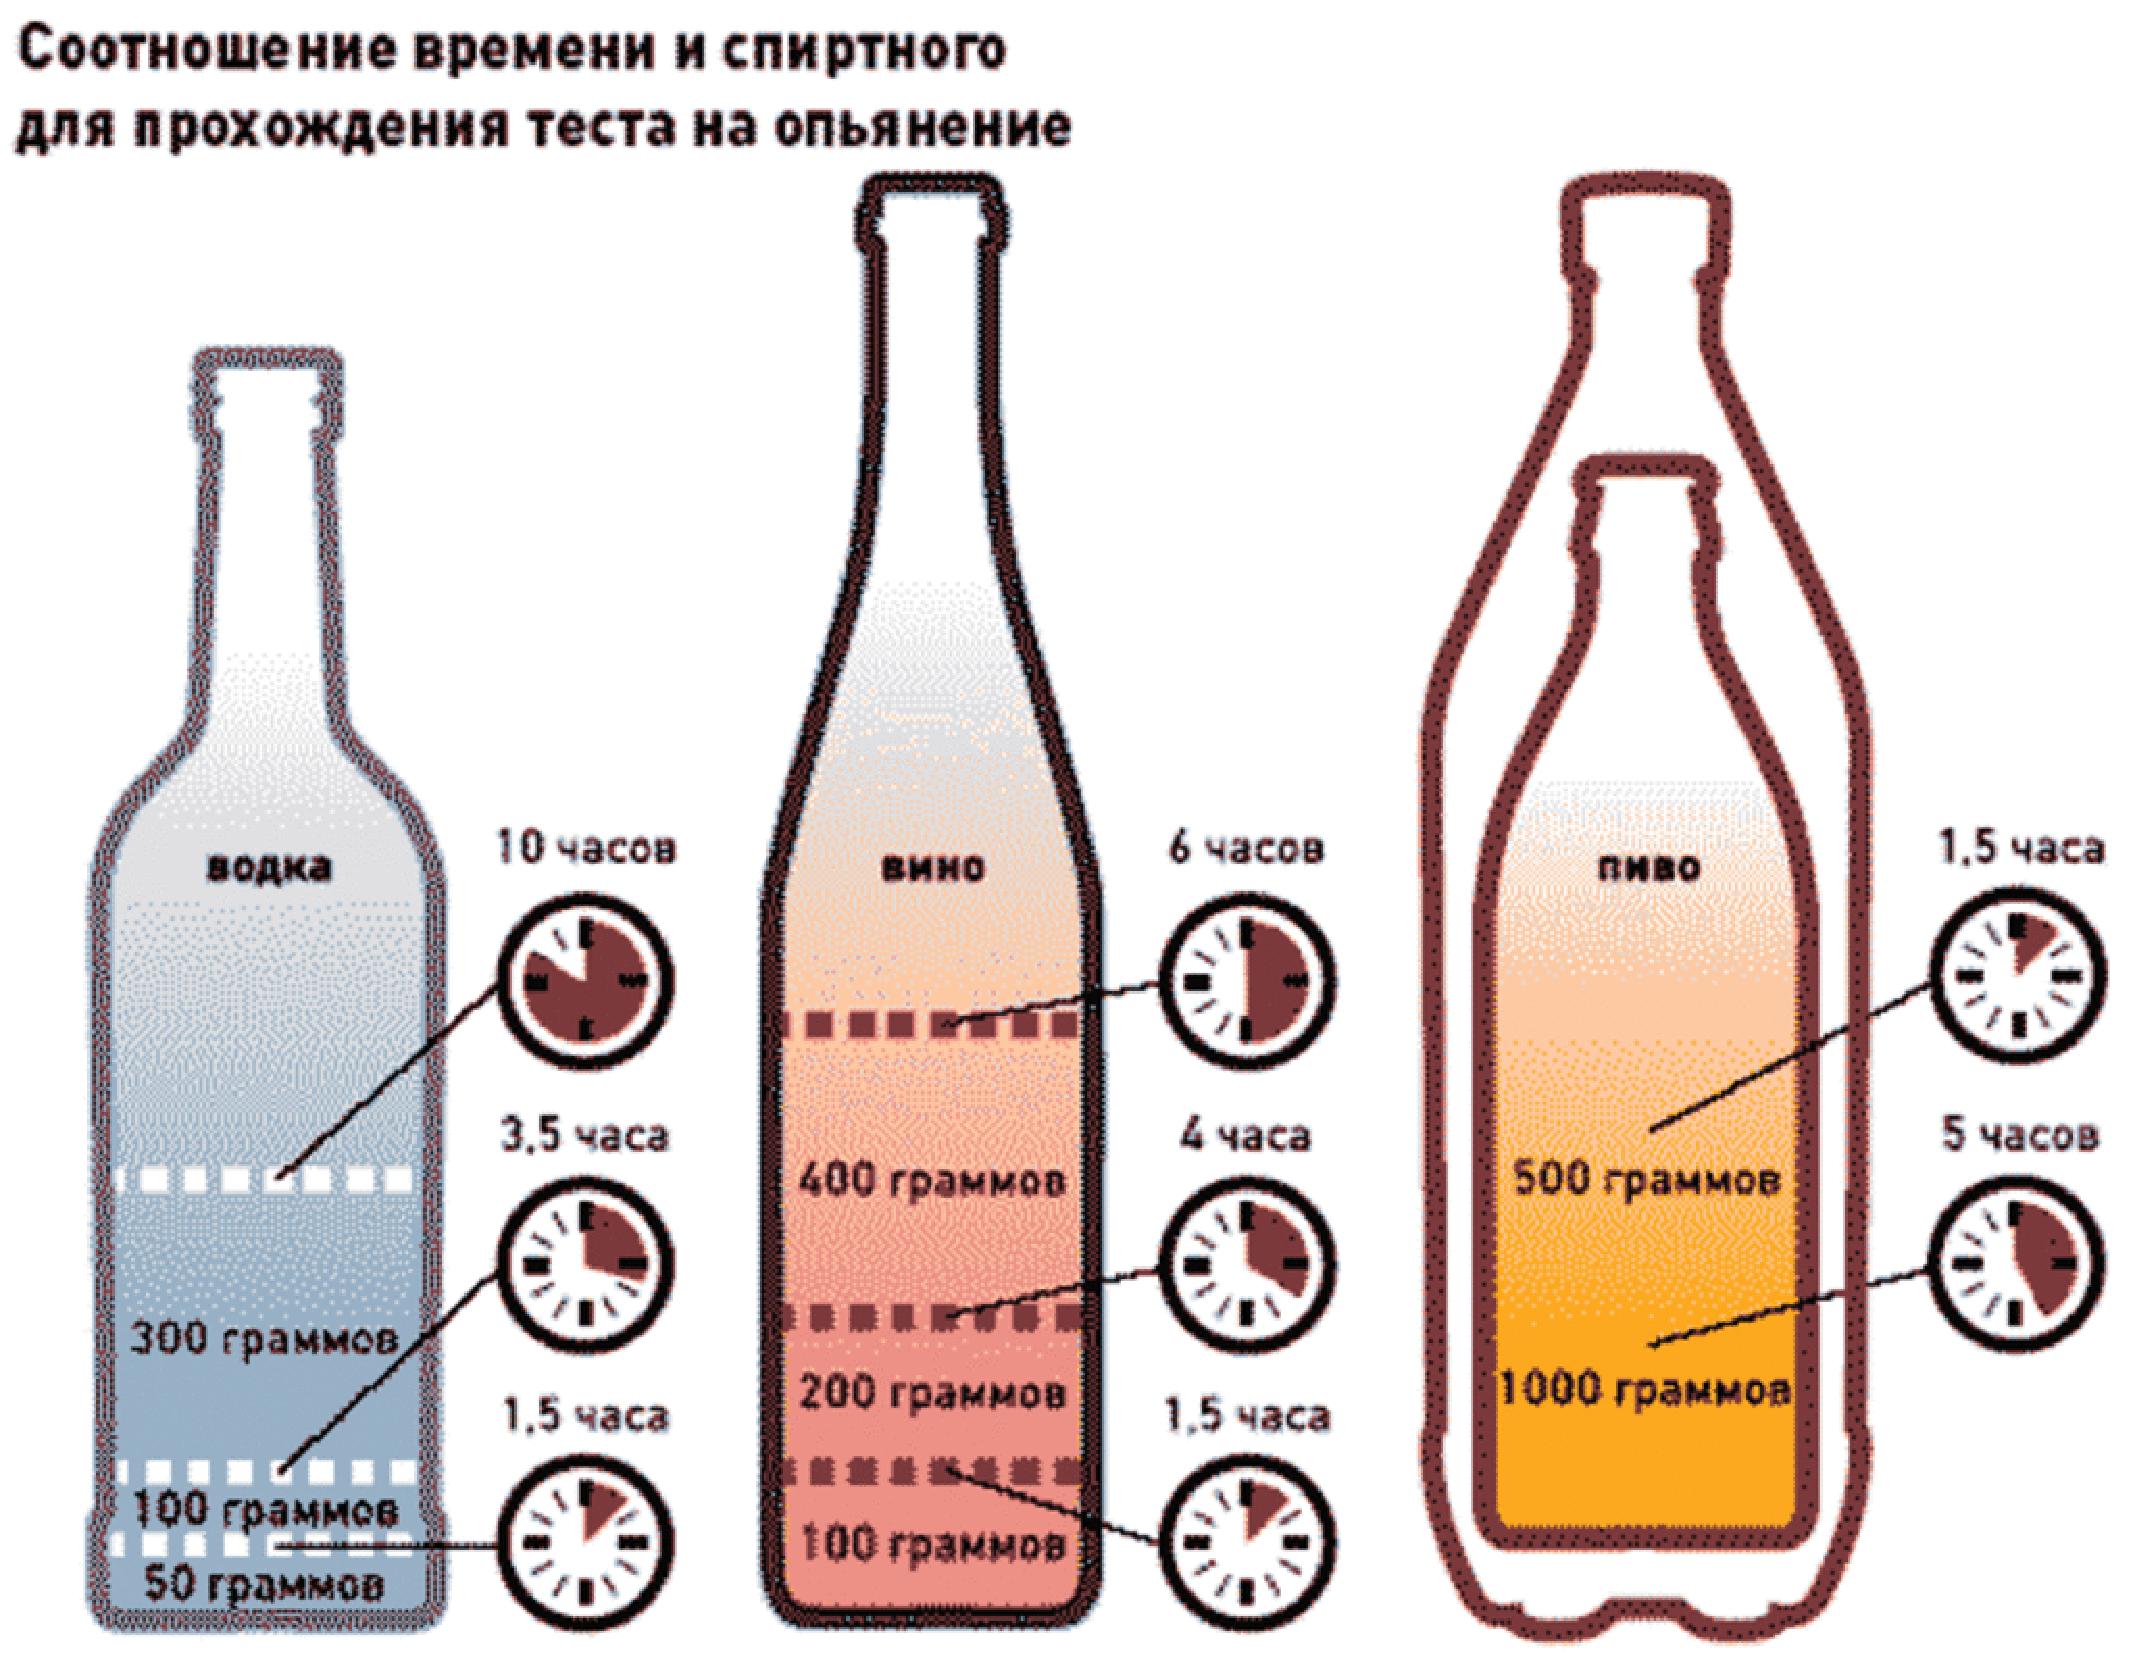 11 продуктов, которые нельзя смешивать с алкоголем - живите здорово! - медиаплатформа миртесен